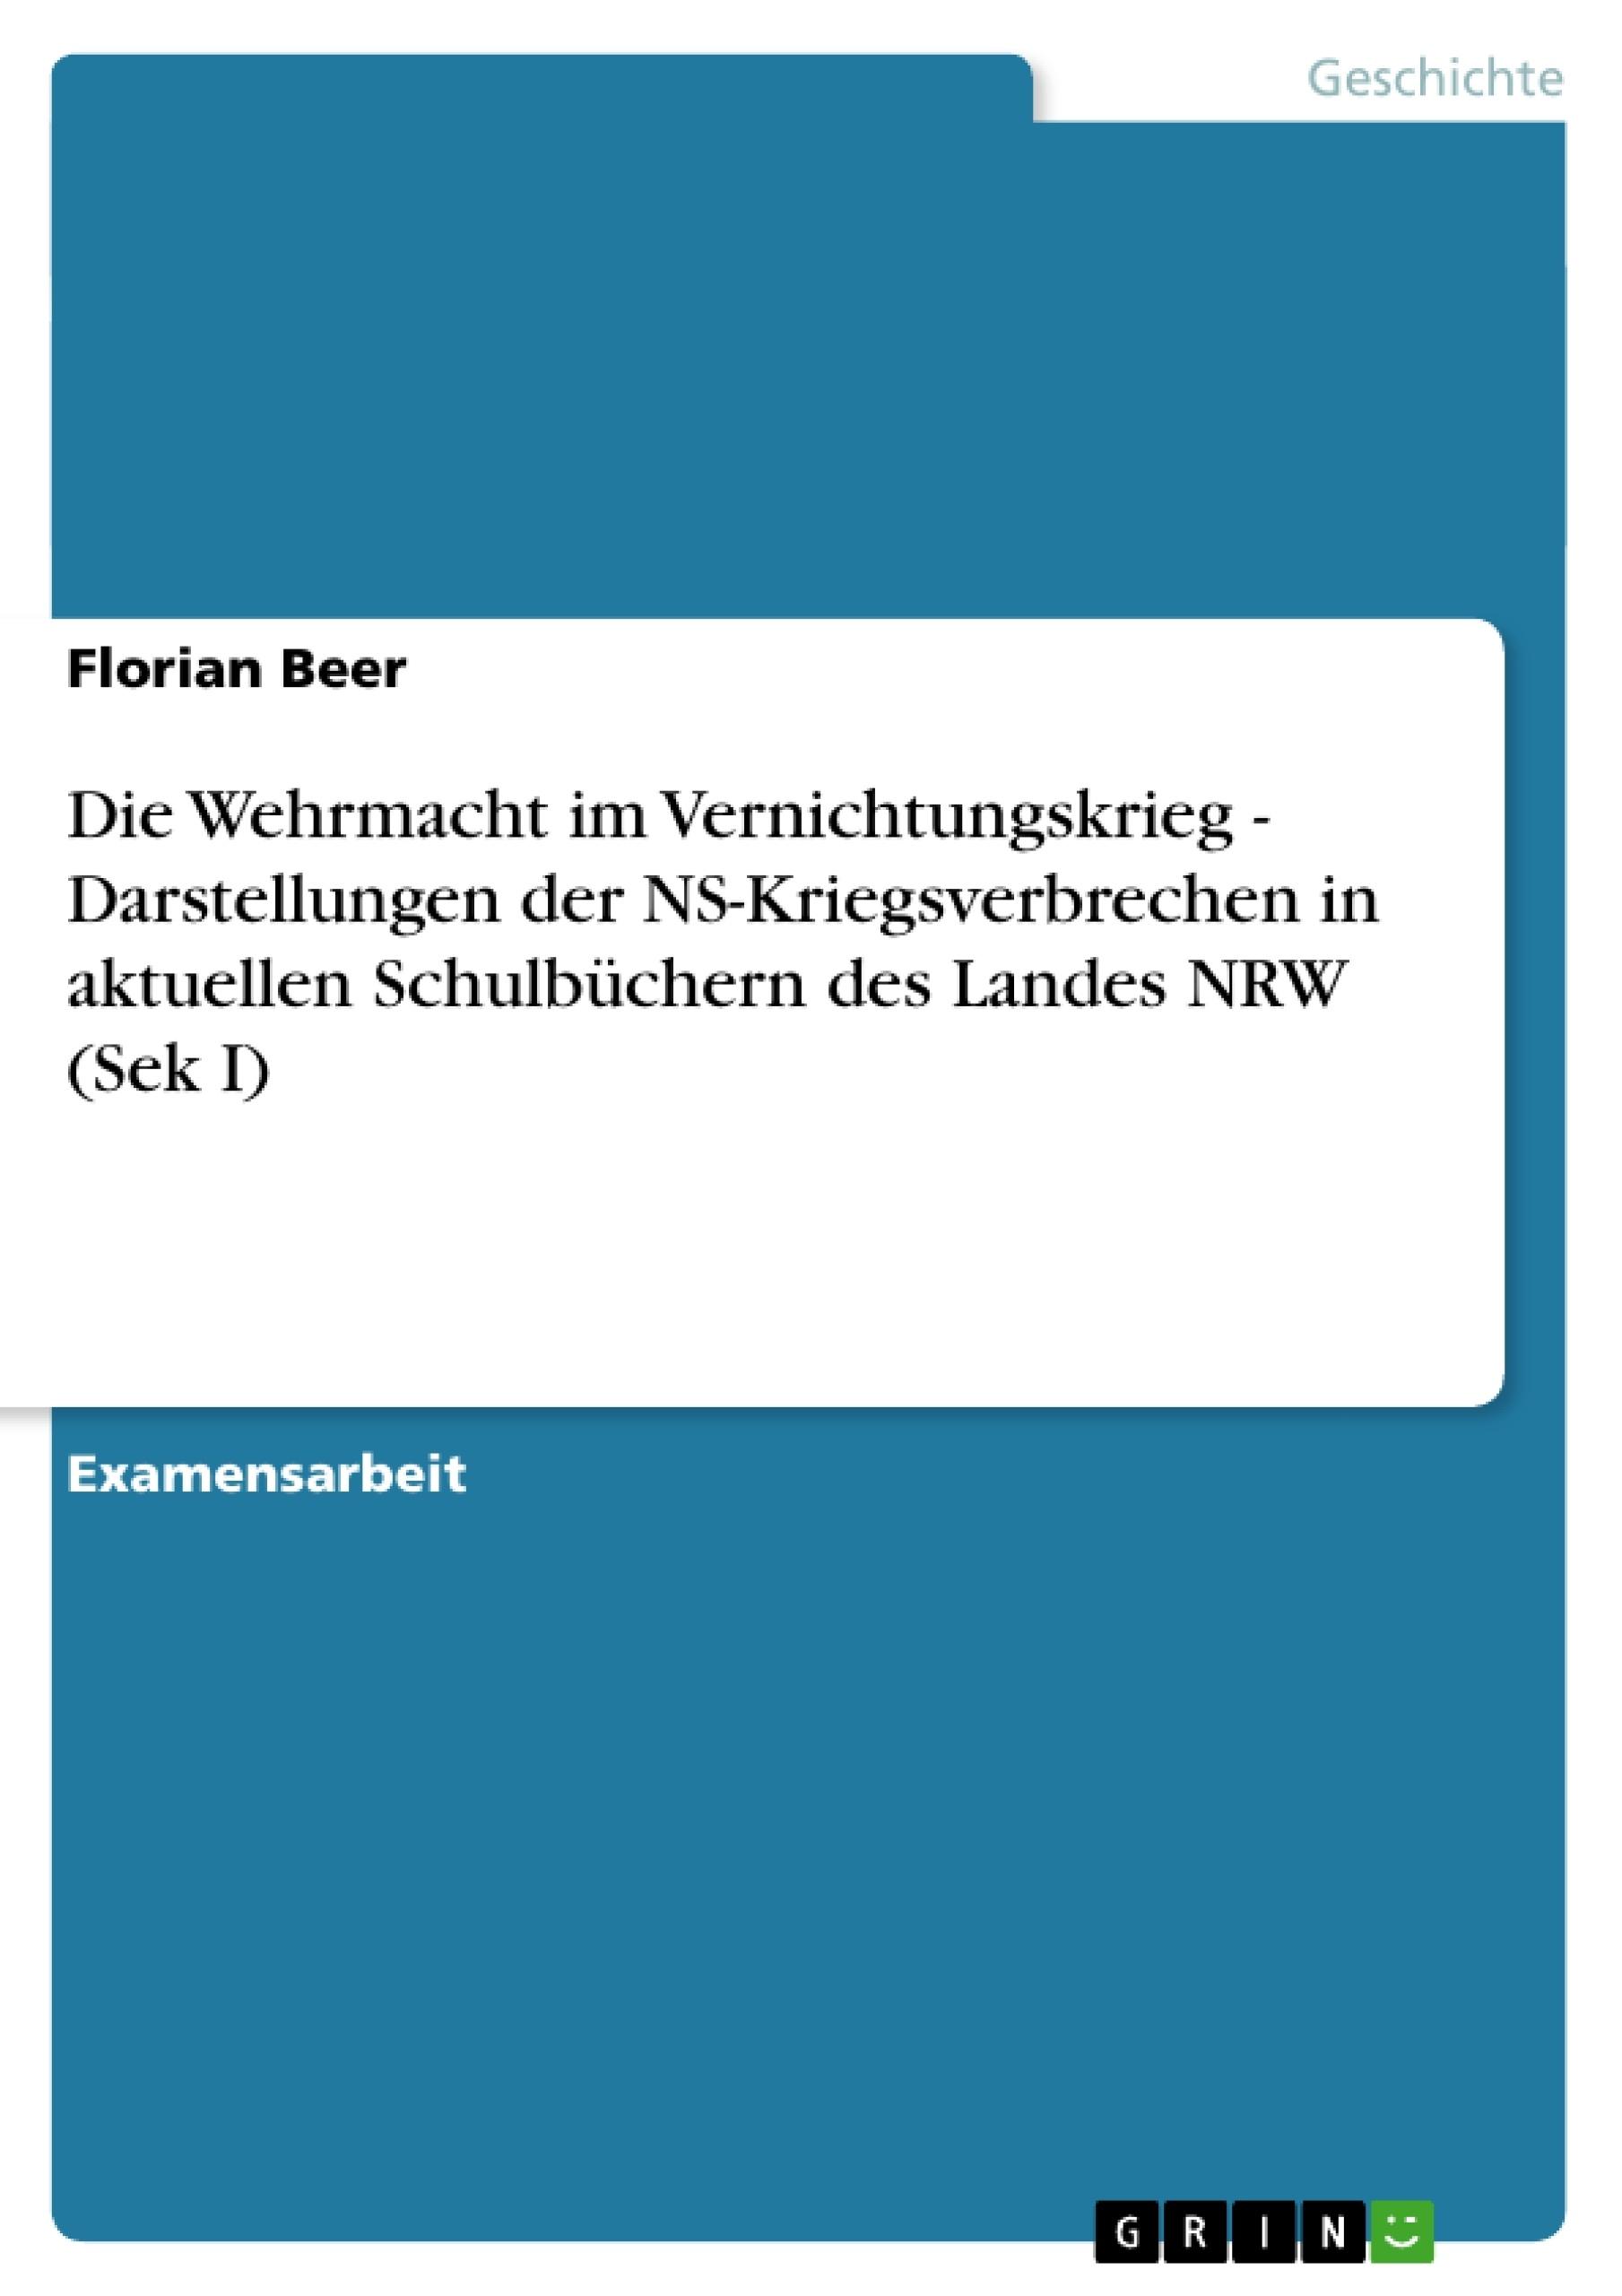 Titel: Die Wehrmacht im Vernichtungskrieg - Darstellungen der NS-Kriegsverbrechen in aktuellen Schulbüchern des Landes NRW (Sek I)